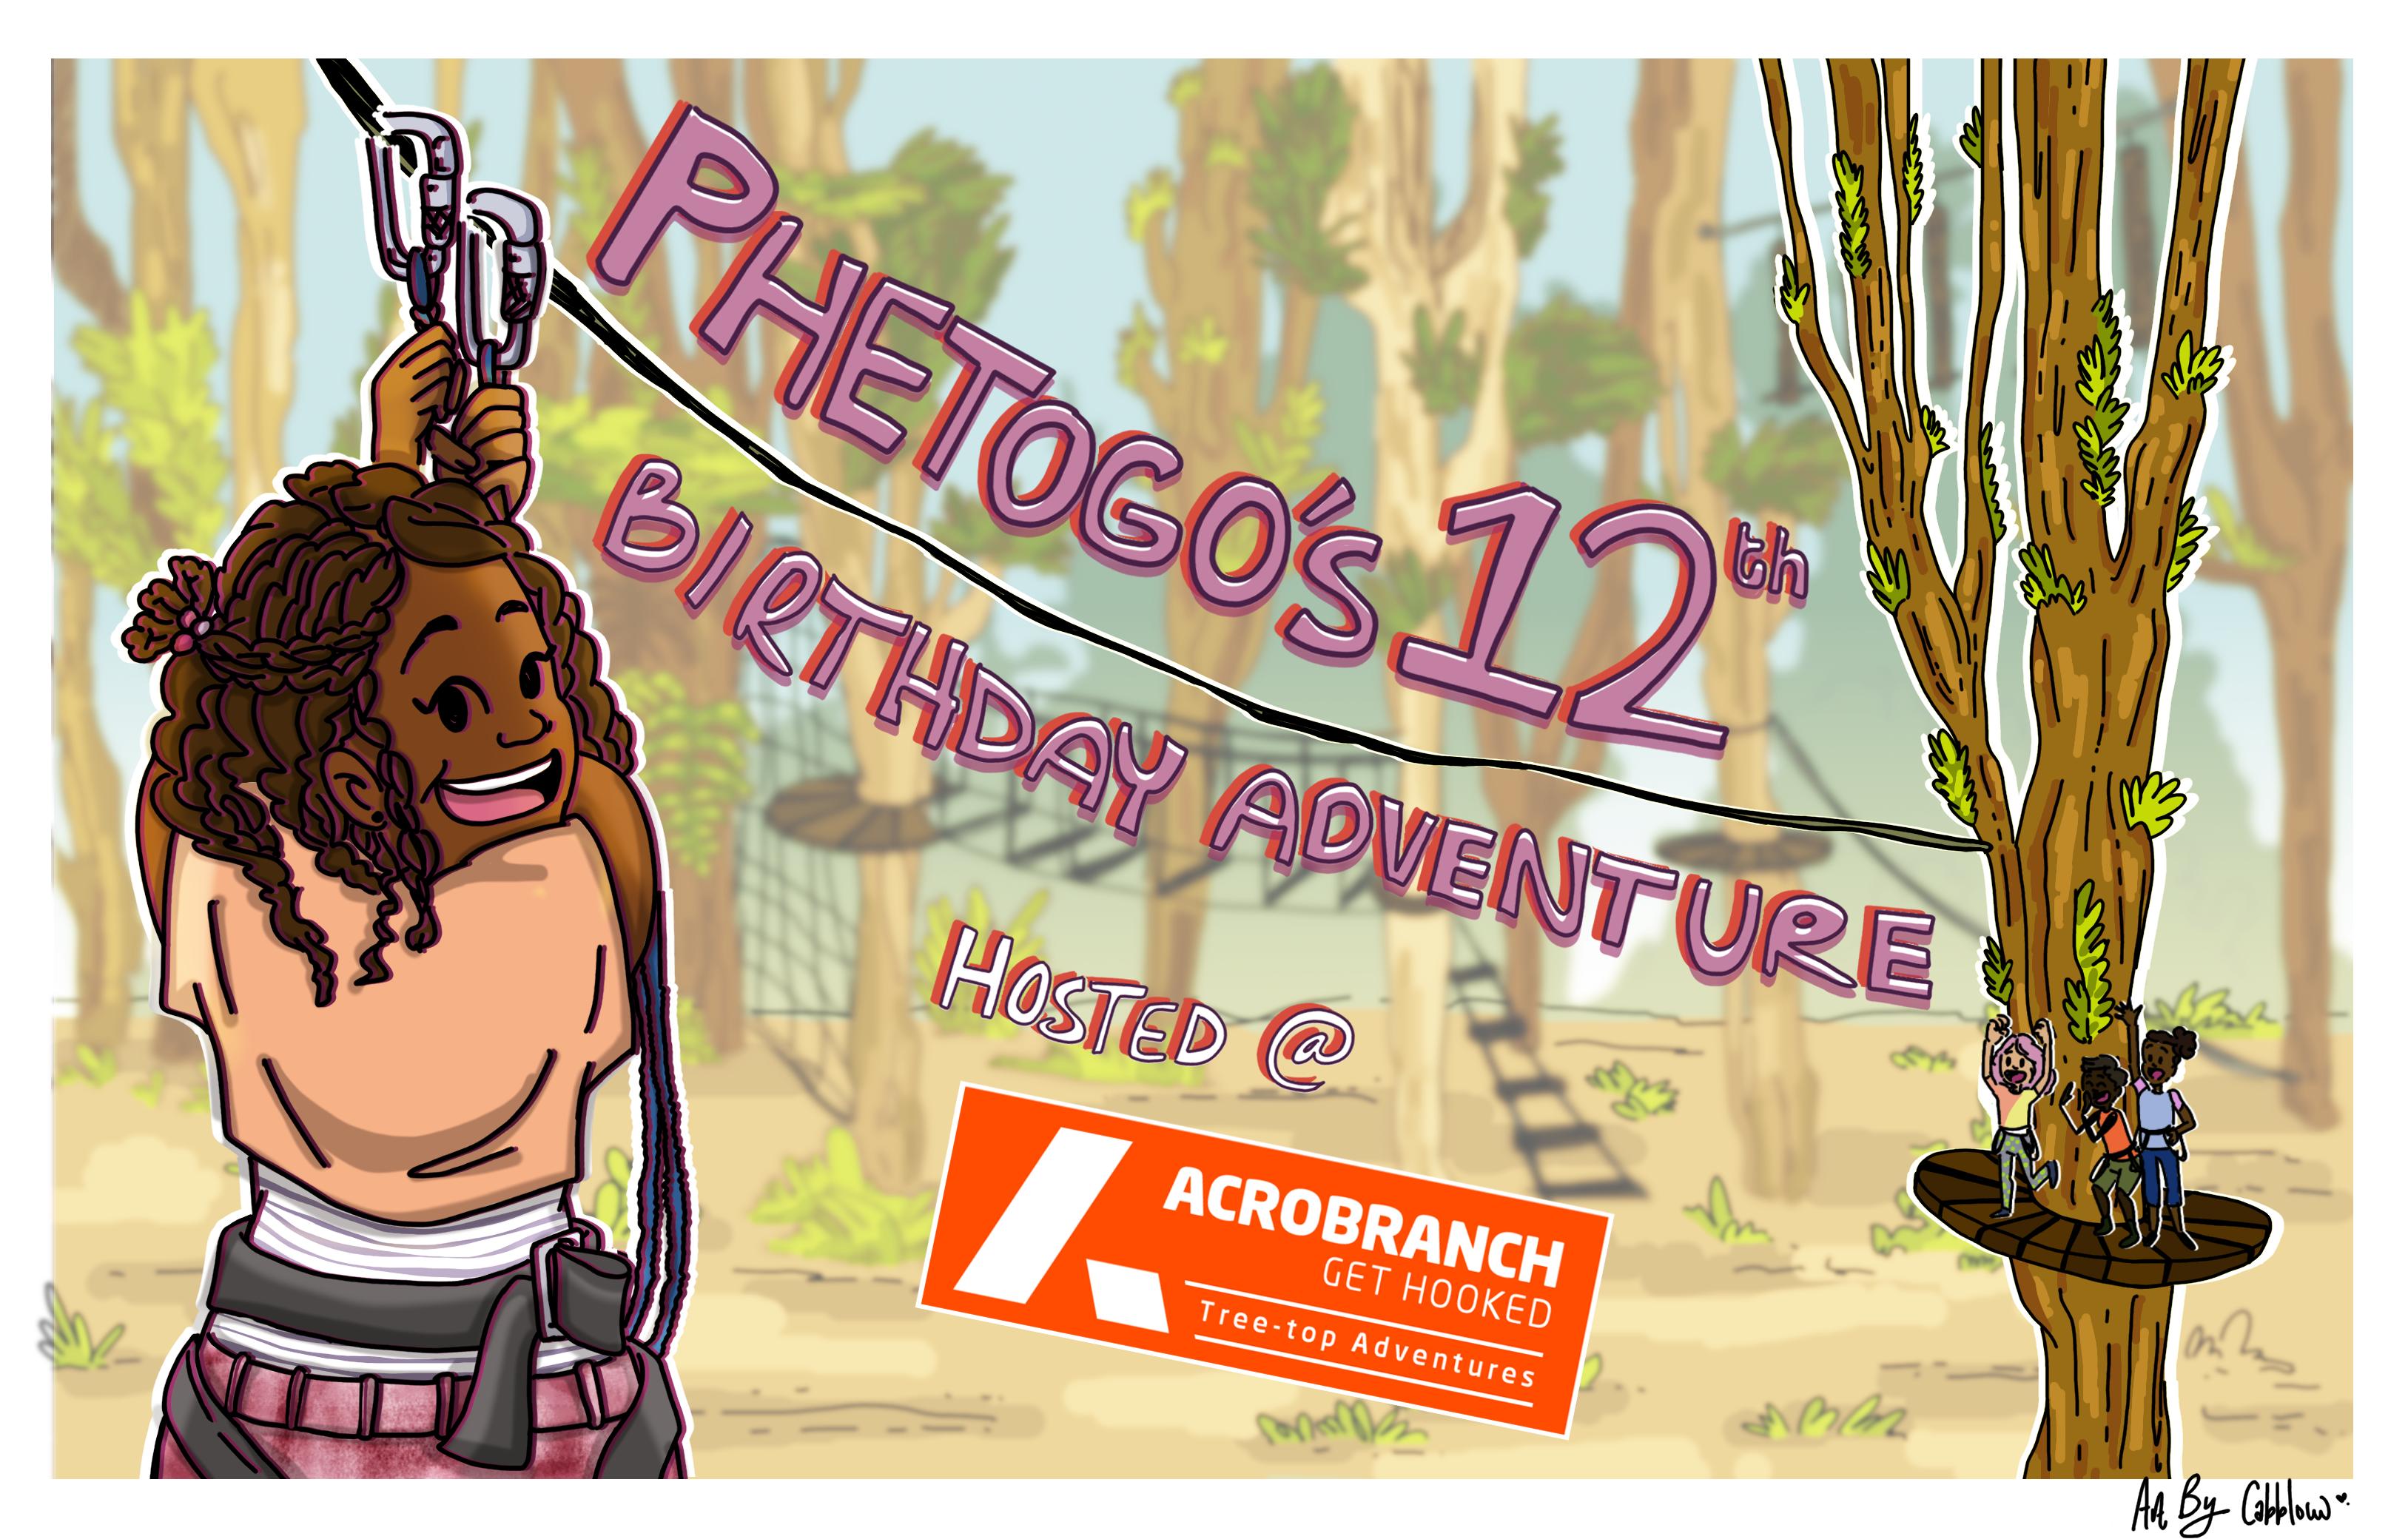 Phetogo's 12th Birthday invite - Page 1_v1.png